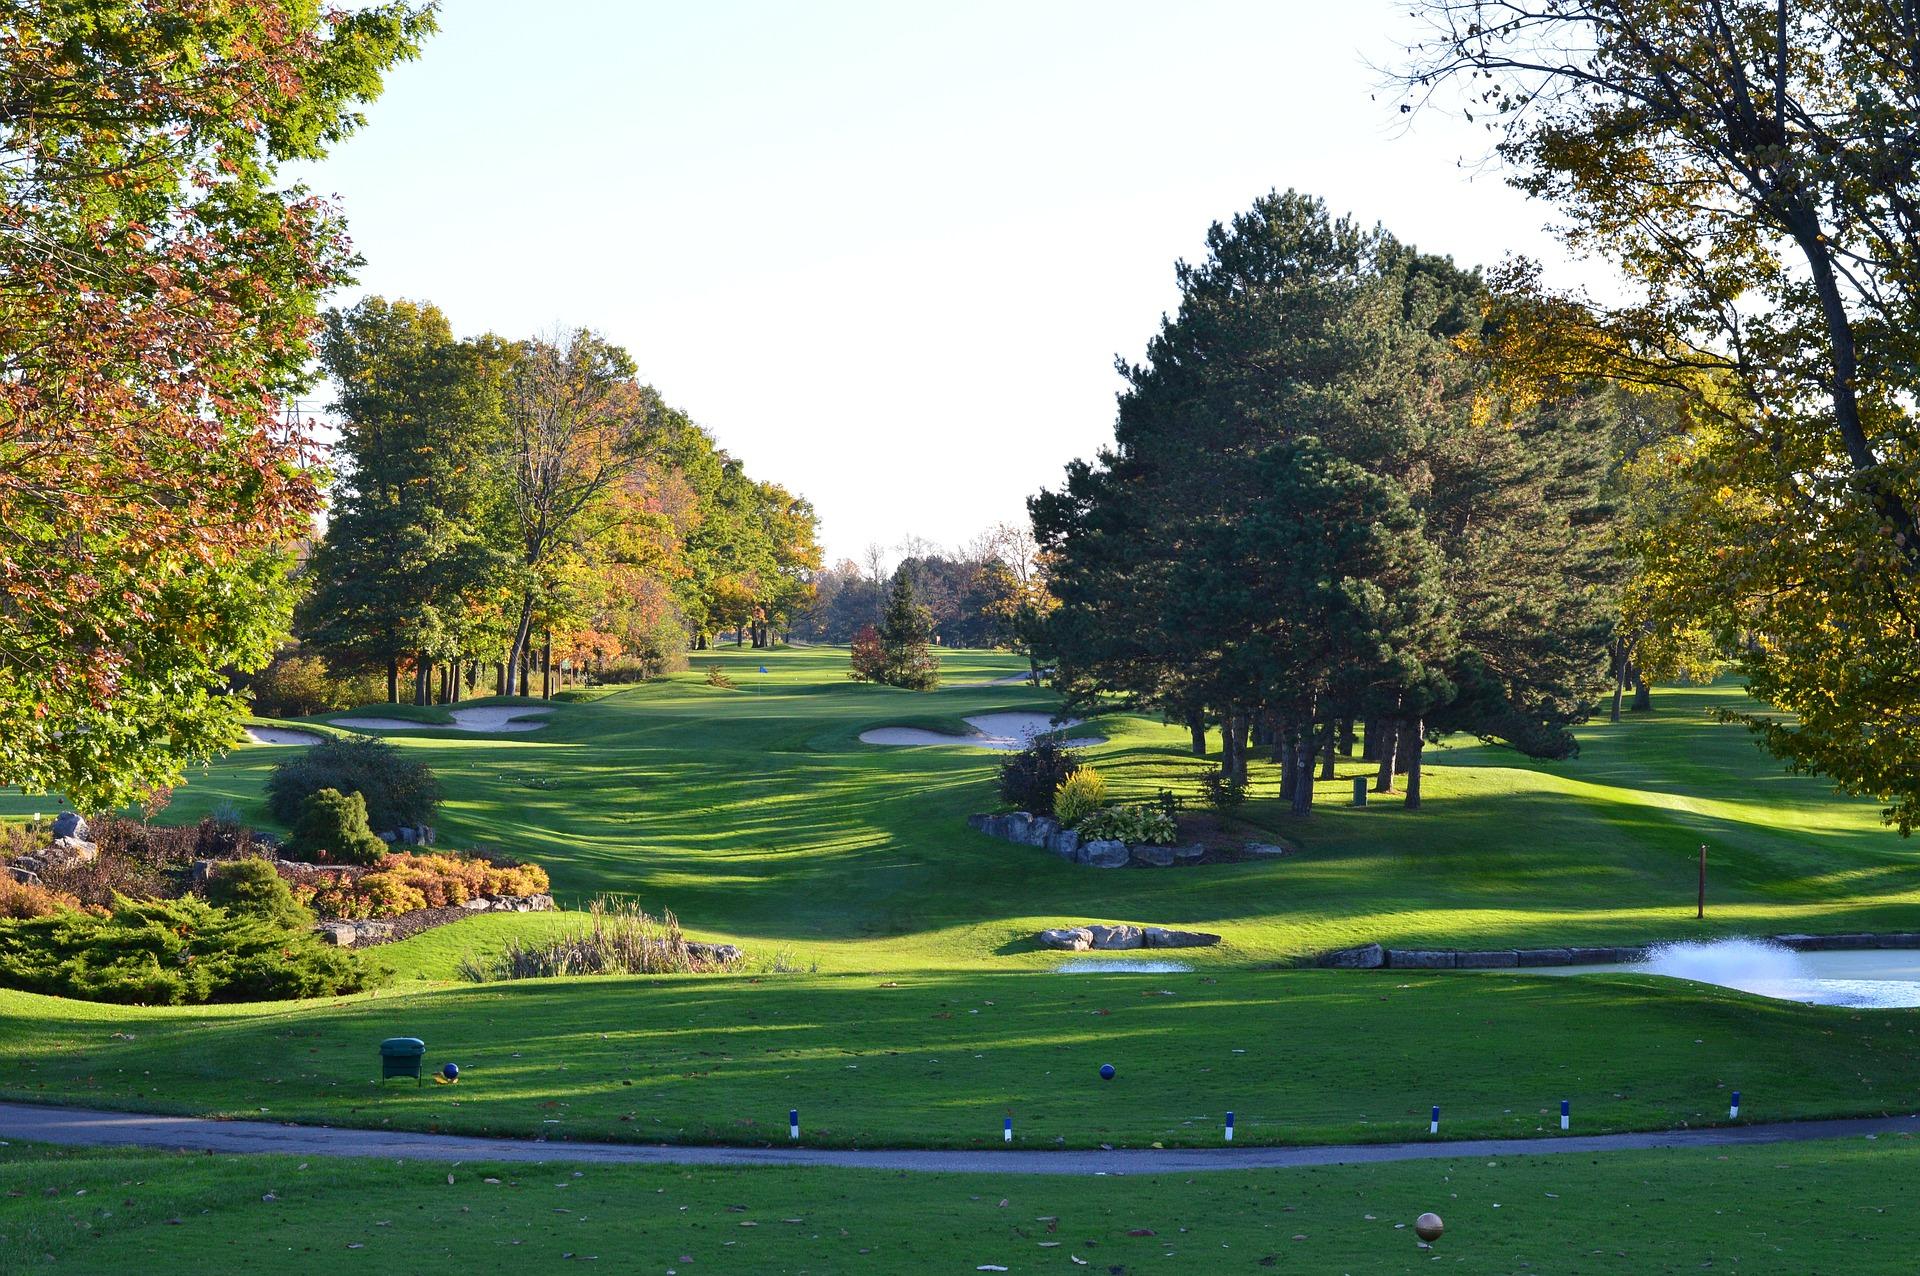 Golfbana där golfspelare vill spela golf med Golfhäftet